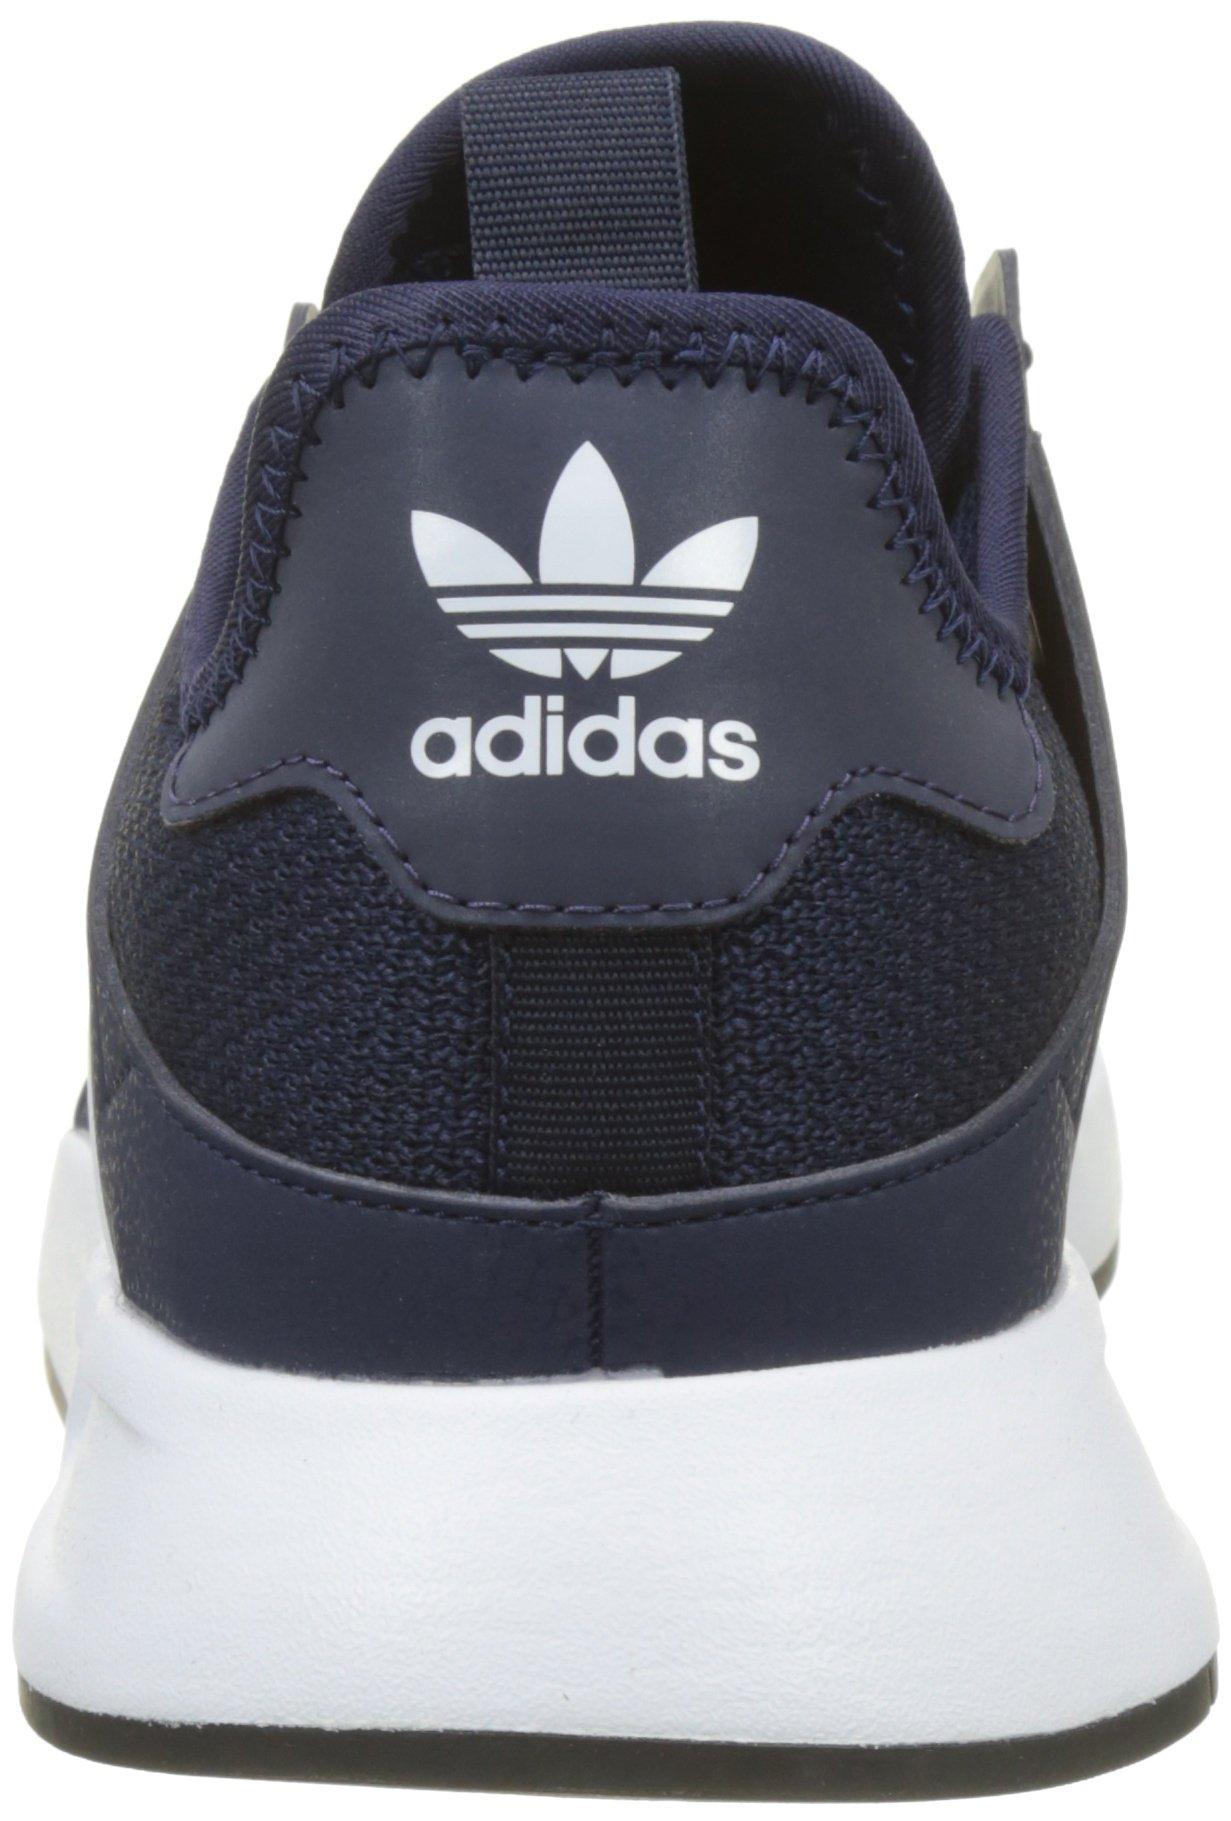 adidas X_PLR, Zapatillas Hombre